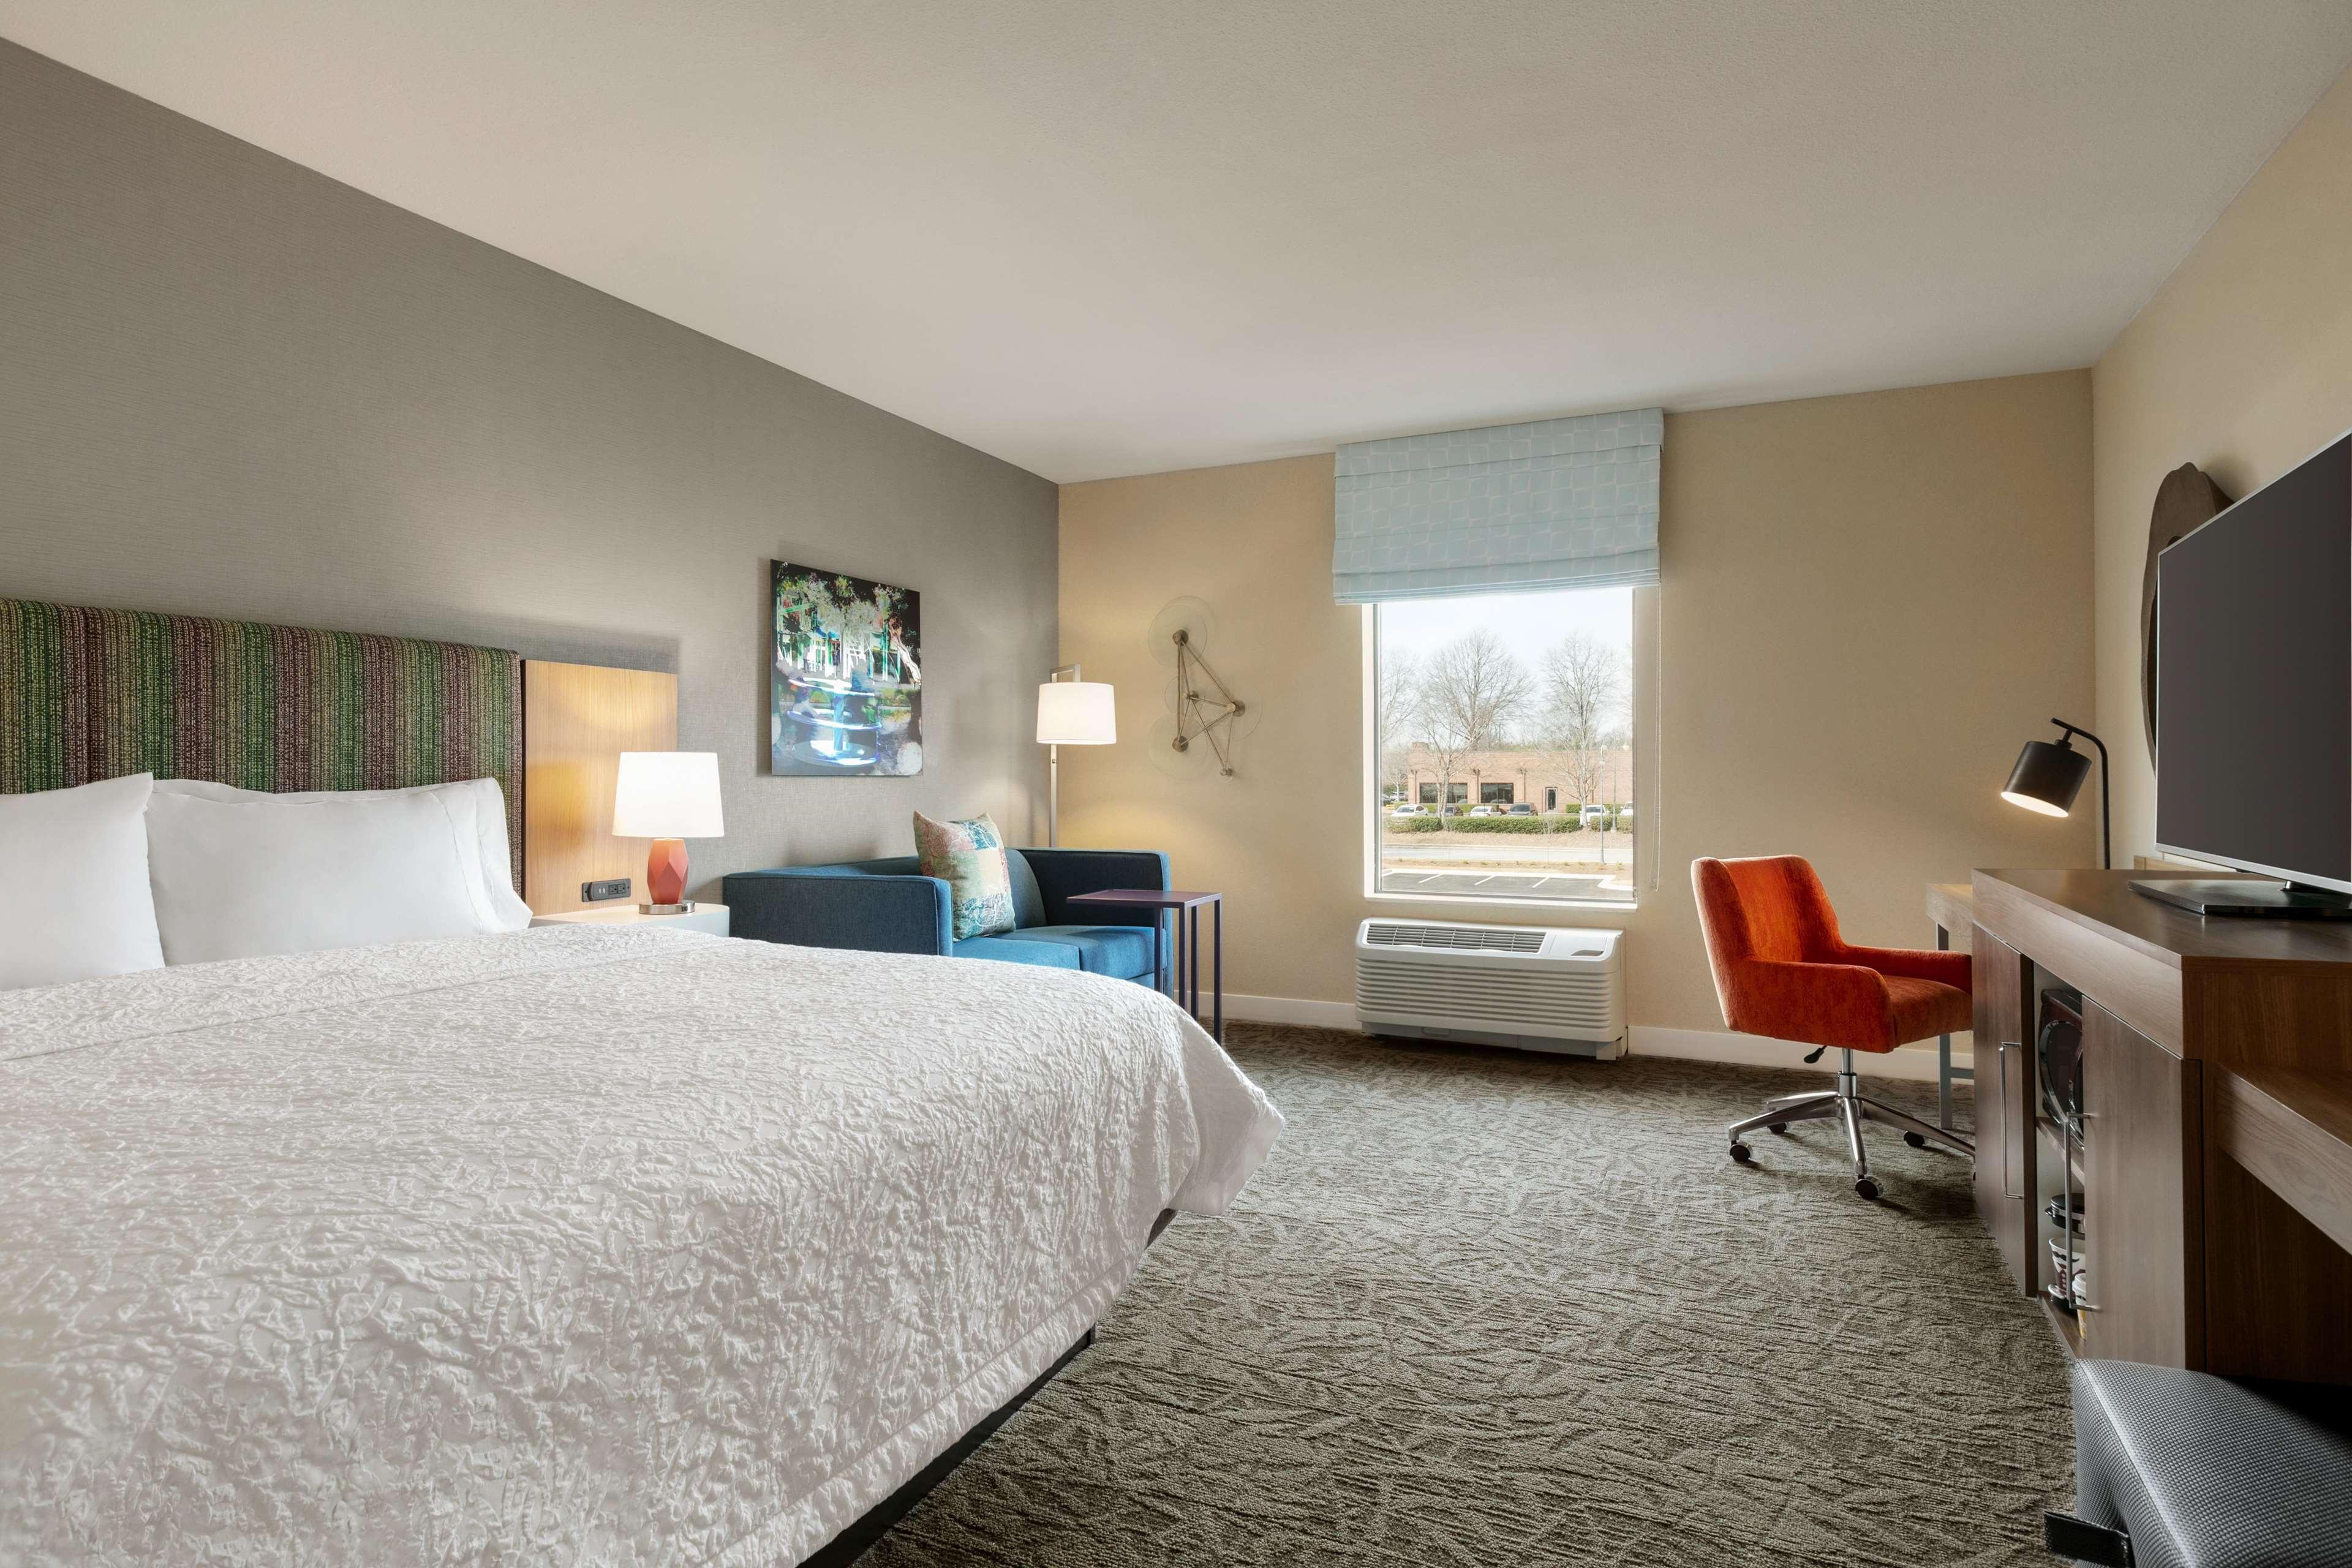 Hampton Inn and Suites Johns Creek image 40